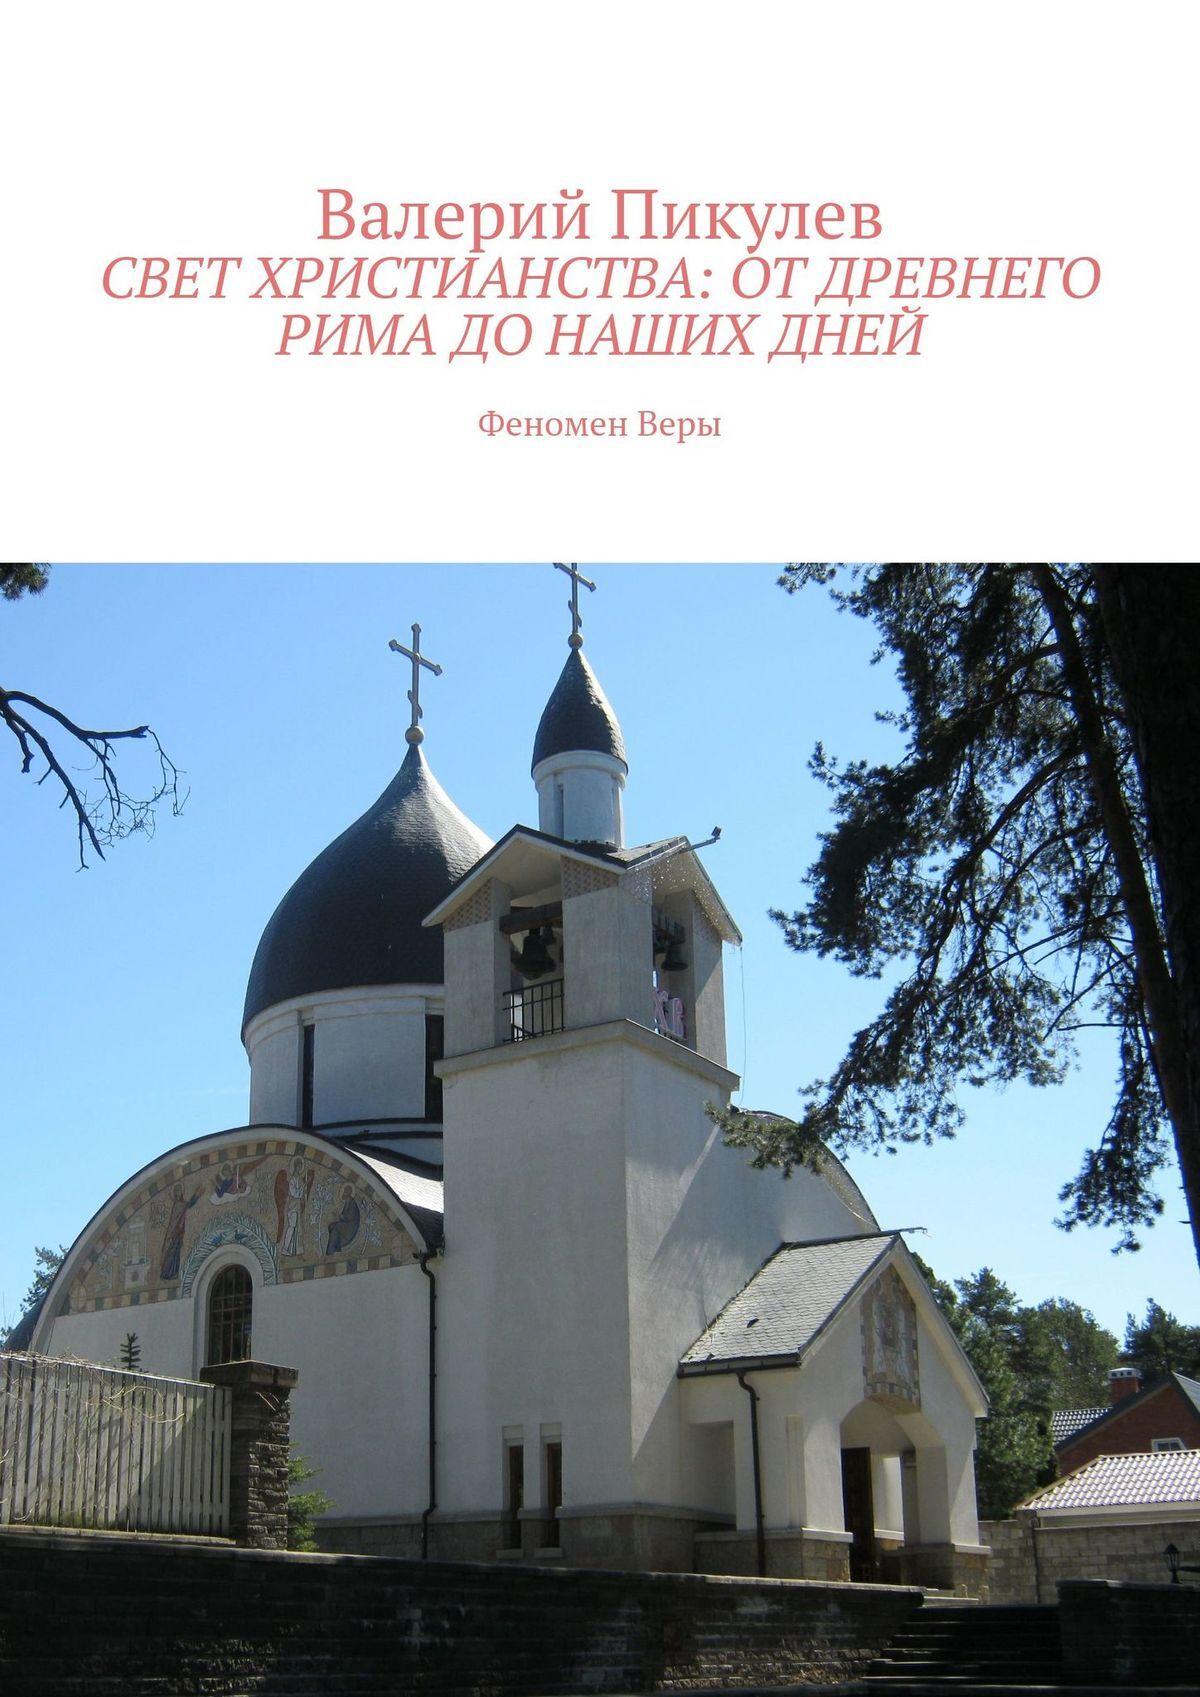 Валерий Пикулев Психофизика Православия: феноменВеры. Практика материализации сокровенных желаний